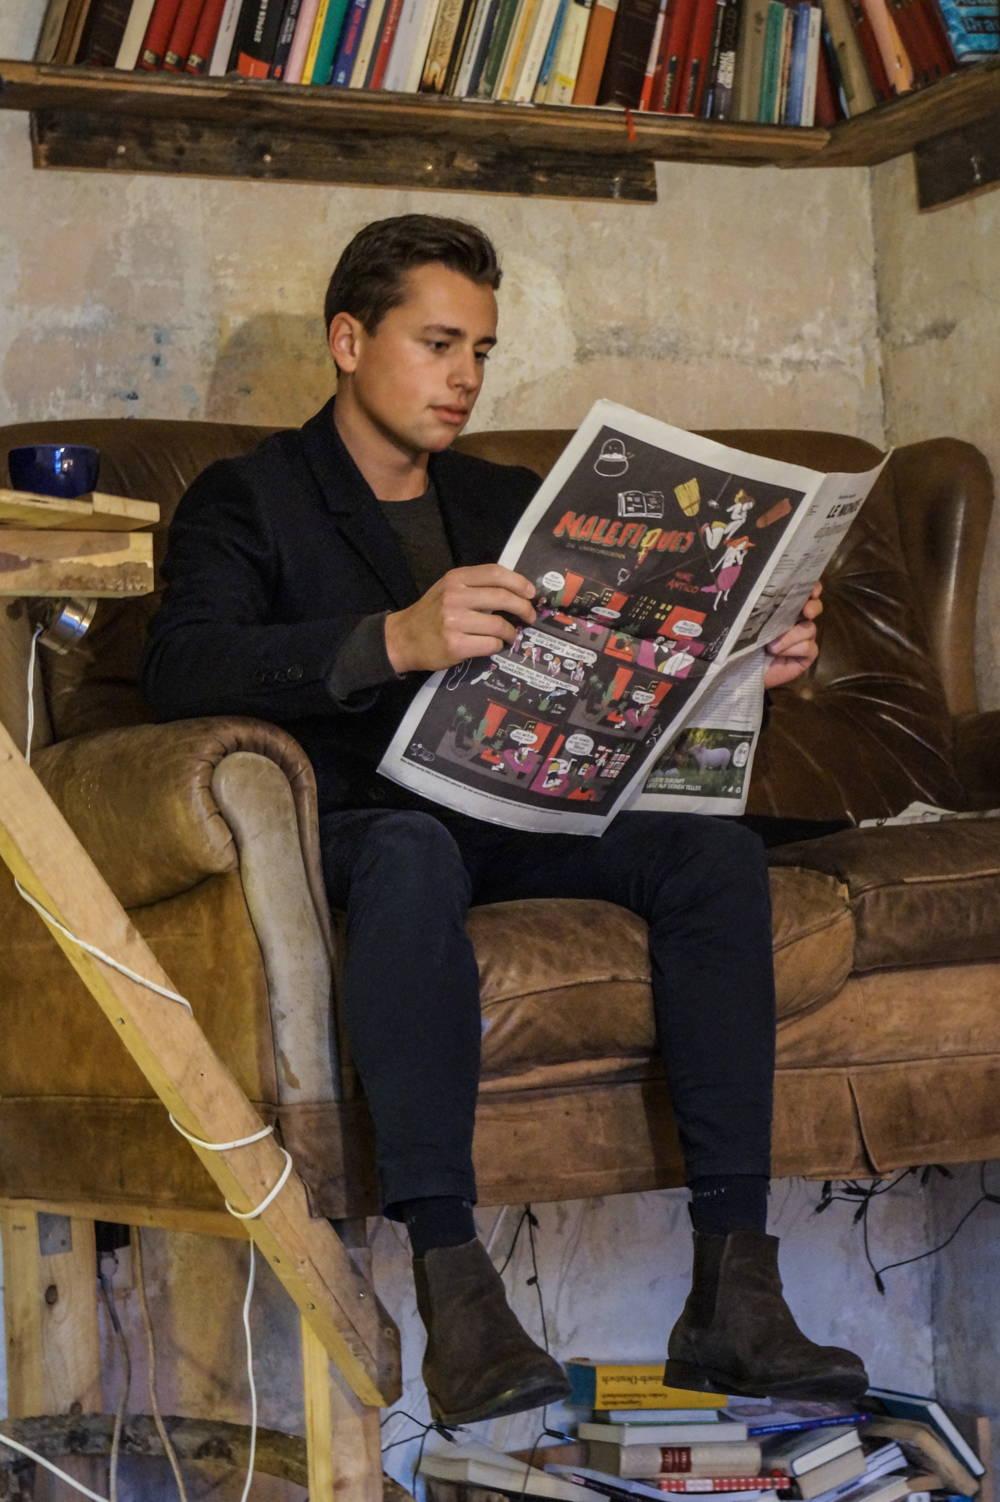 Tageszeitung in der Luft